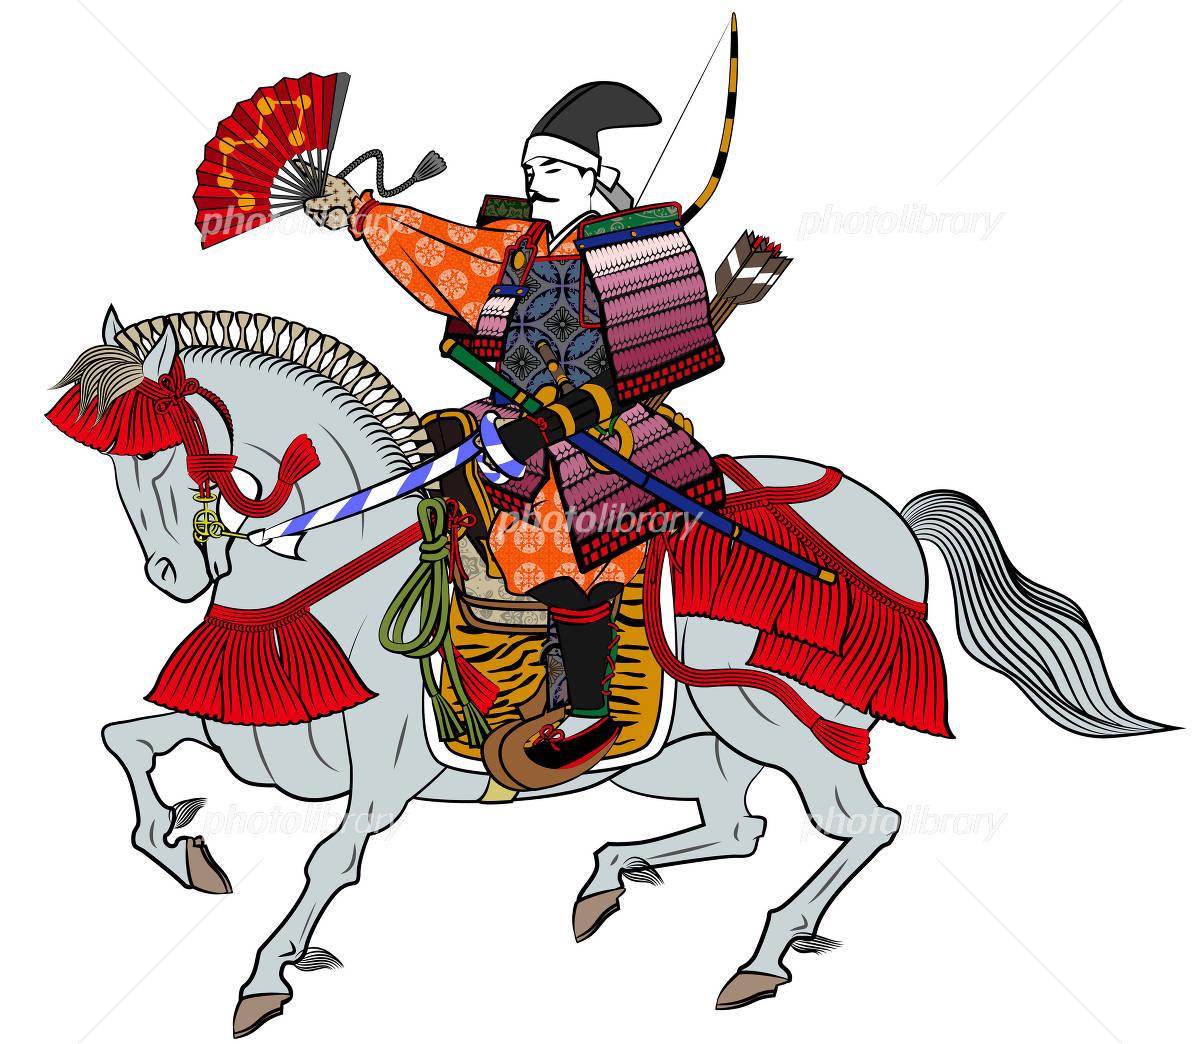 馬に乗る戦国武将 イラスト素材 1635905 フォトライブ